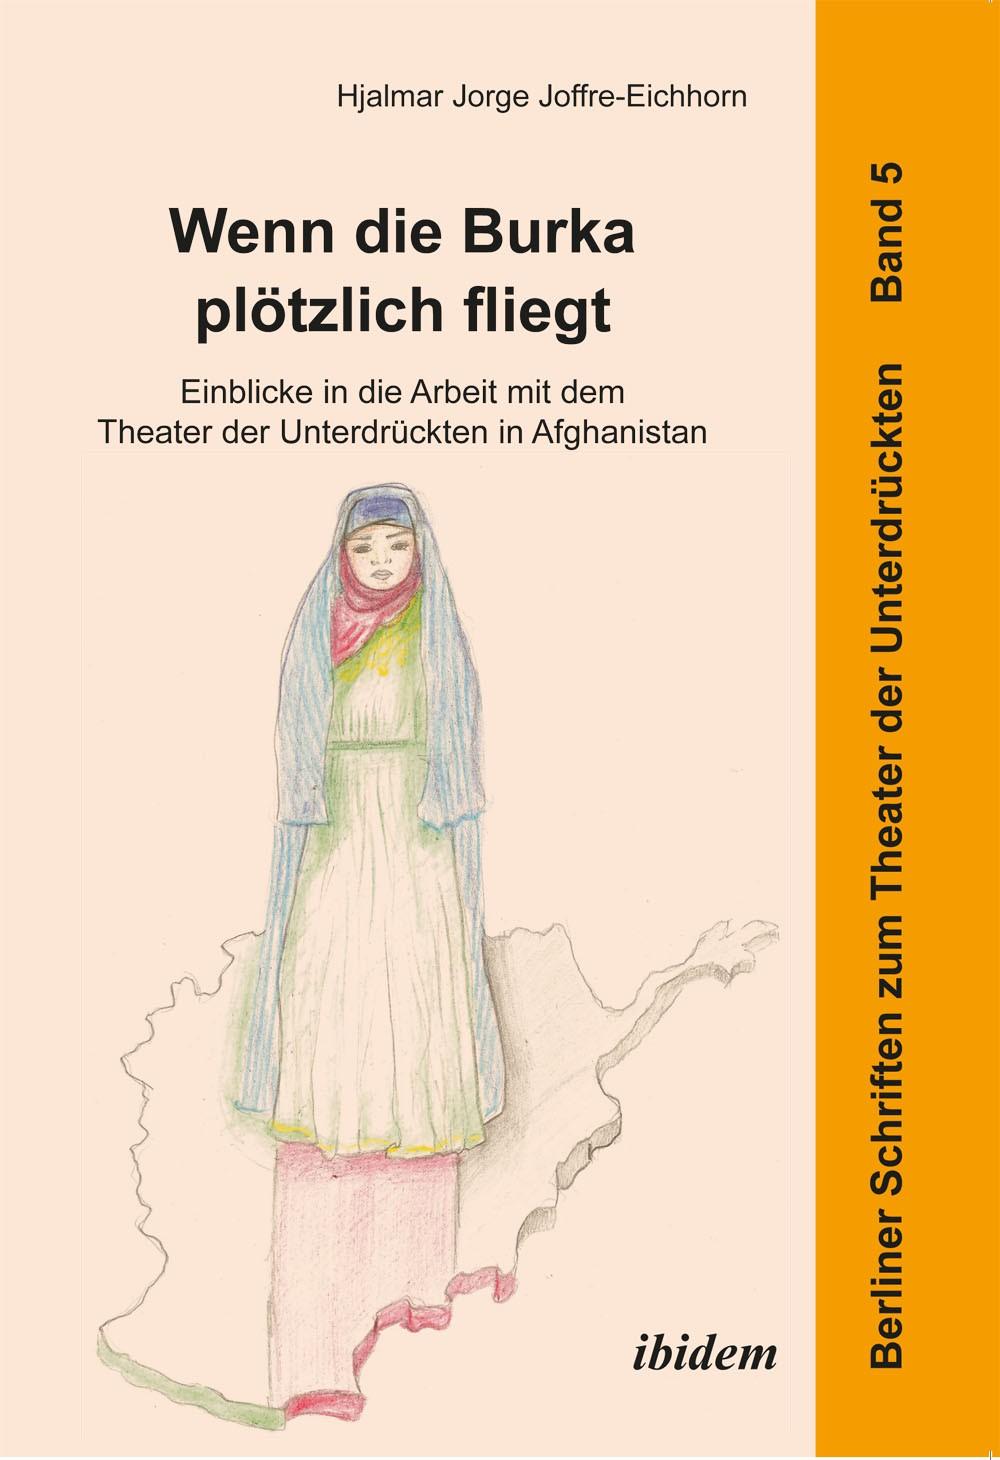 Wenn die Burka plötzlich fliegt - Einblicke in die Arbeit mit dem Theater der Unterdrückten in Afghanistan